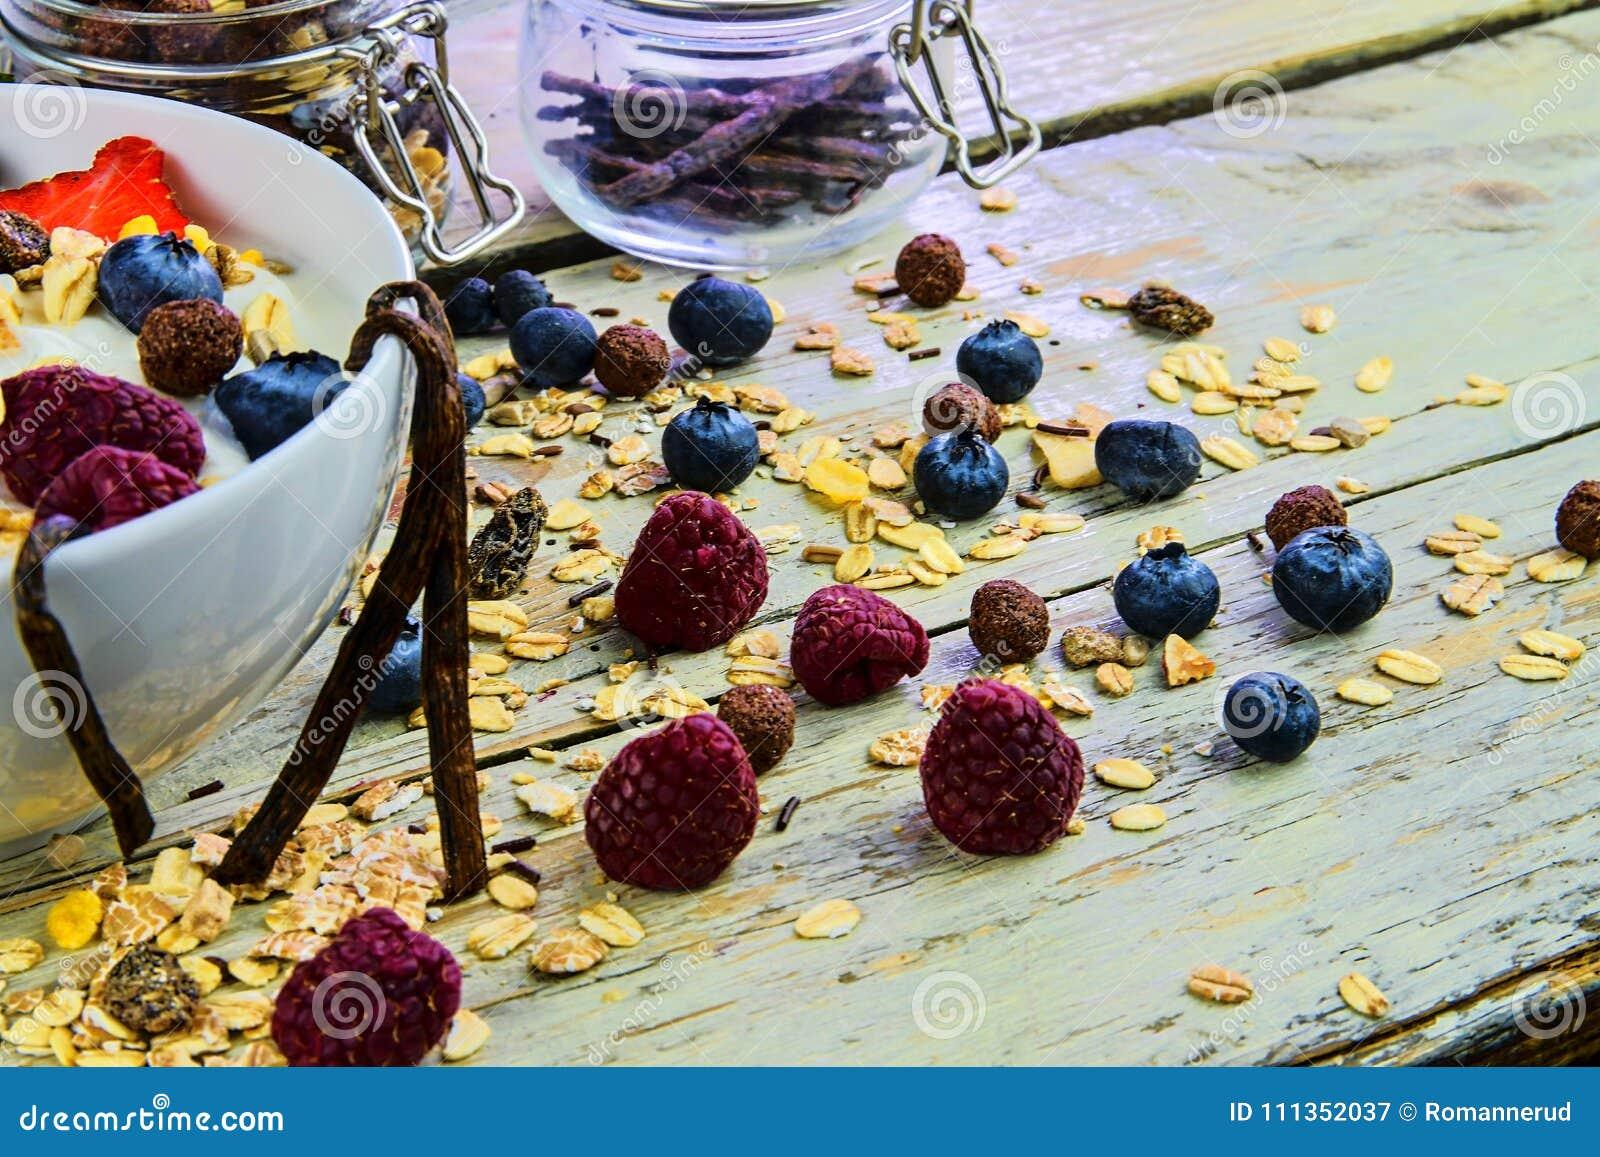 Healthy breakfast, cereal with yoghurt, strawberries, blueberries, raspberries and muesli on wooden rustic background